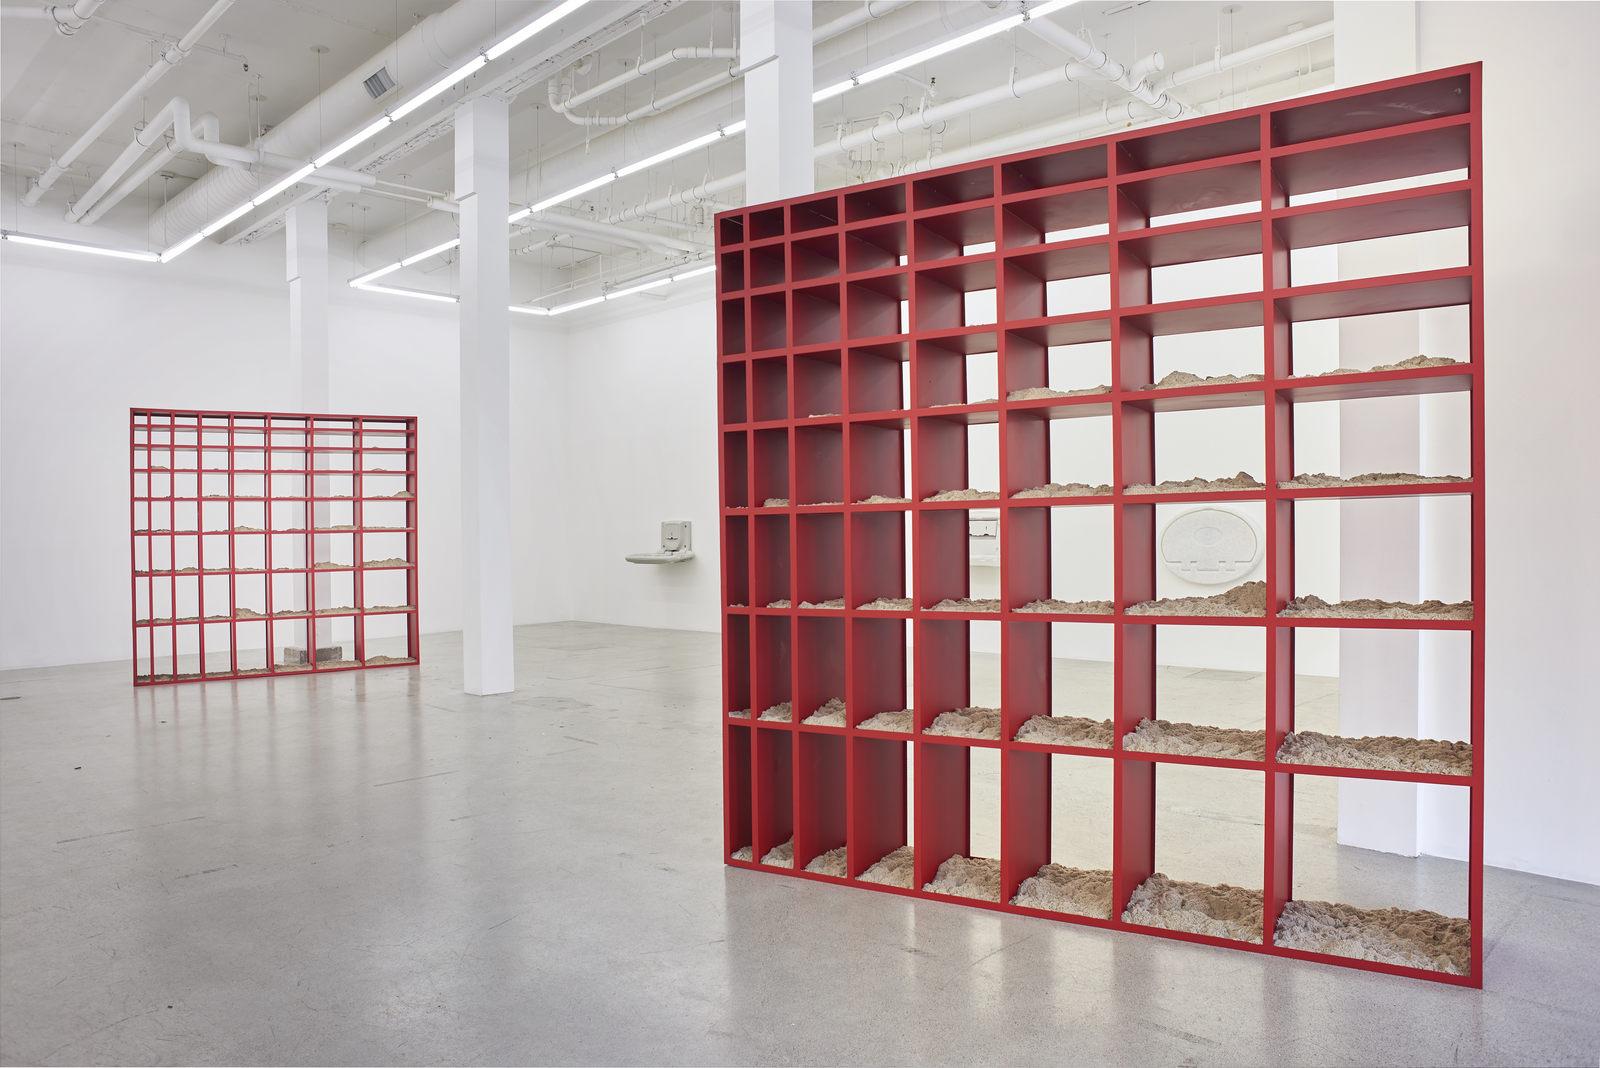 Wermers_Grundstück, 2017_Jessica Silverman Gallery_installation view_021